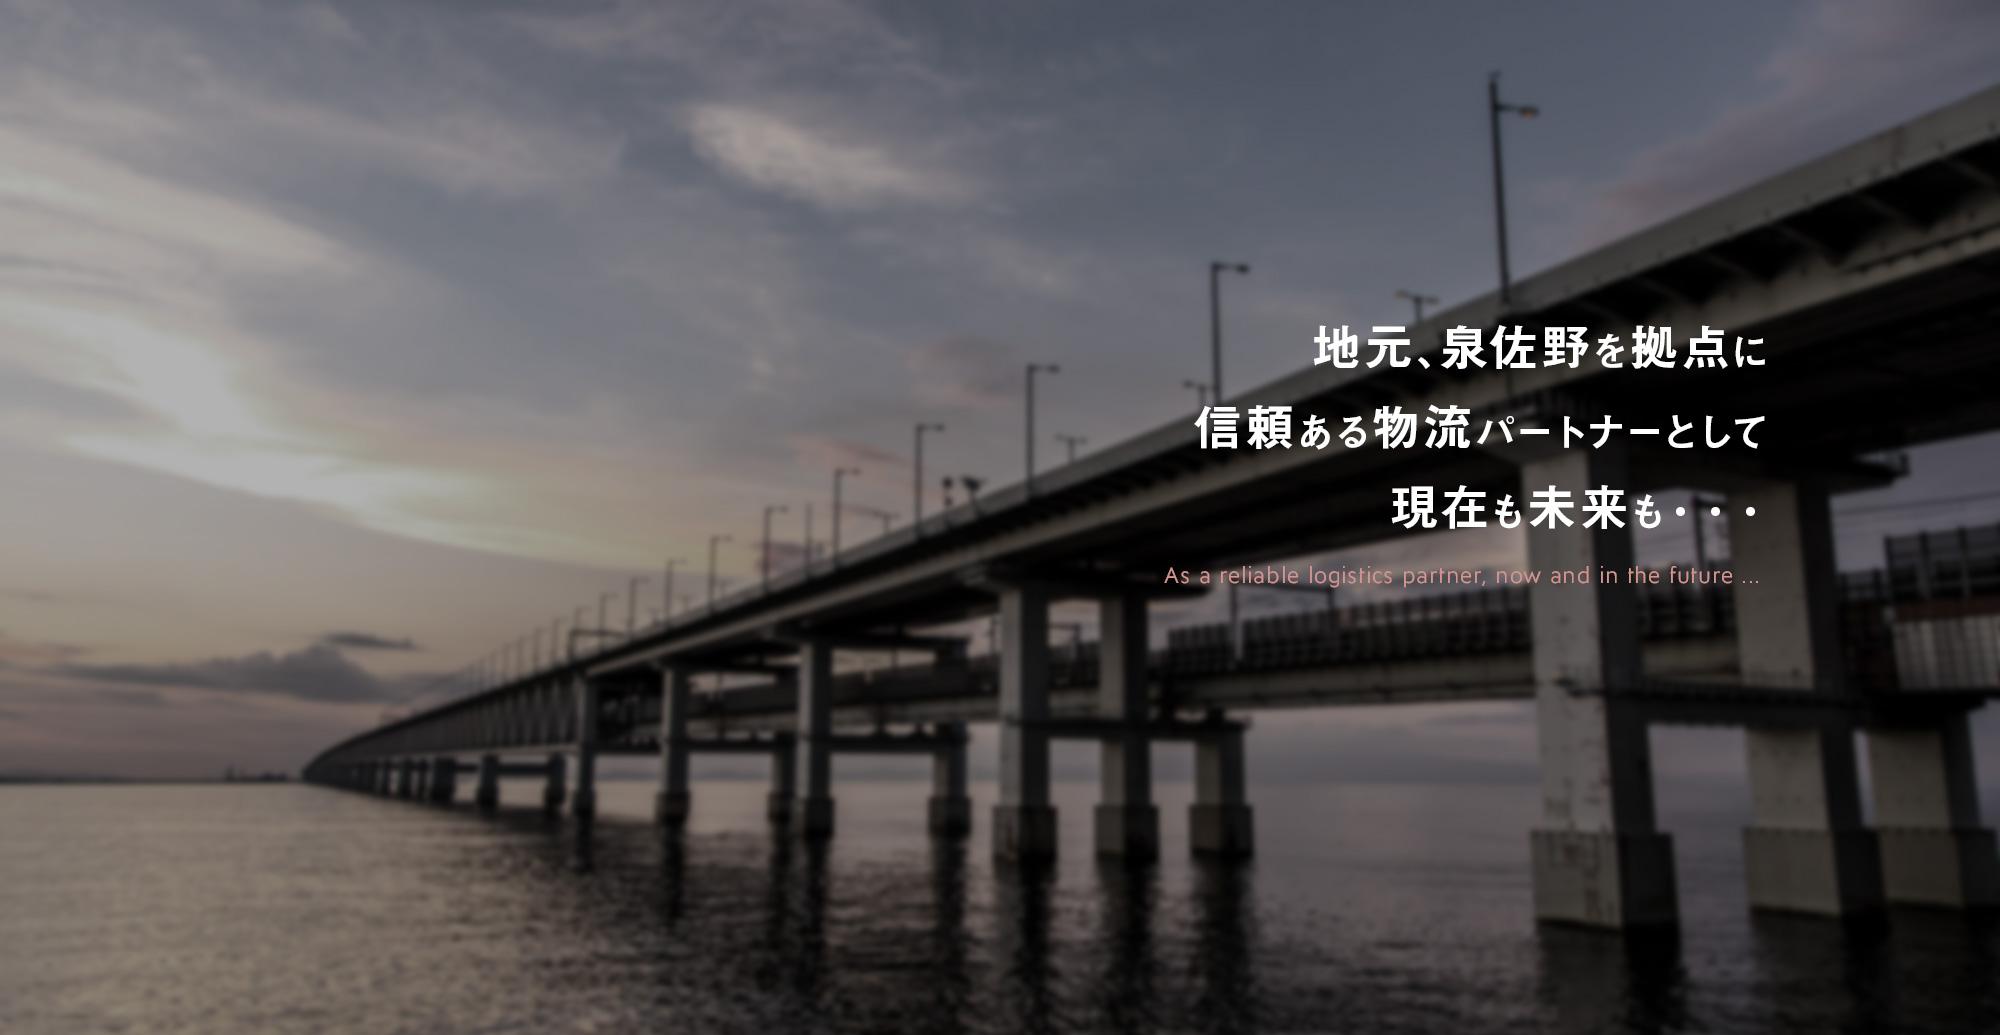 地元、泉佐野を拠点に信頼ある物流パートナーとして現在も未来も・・・